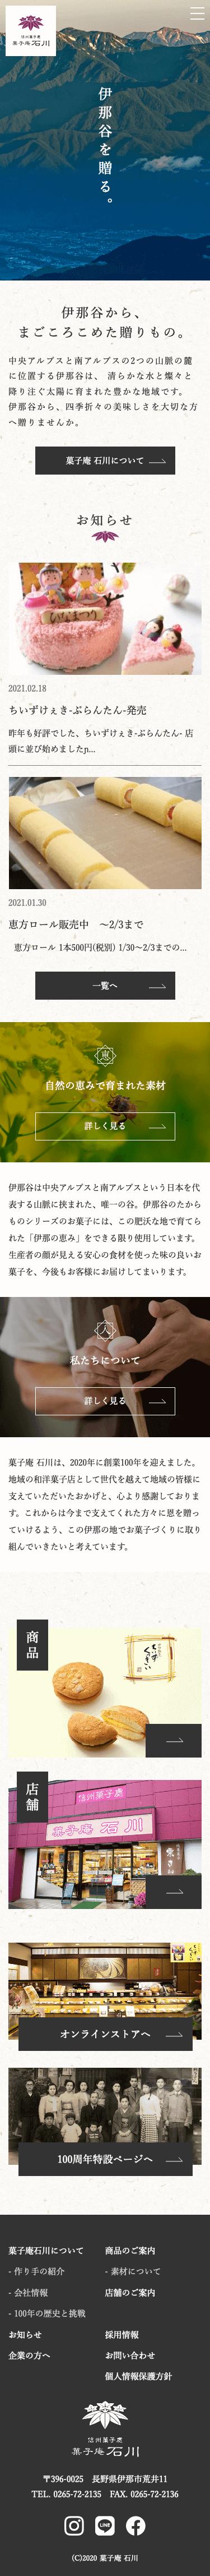 菓子庵 石川spイメージ